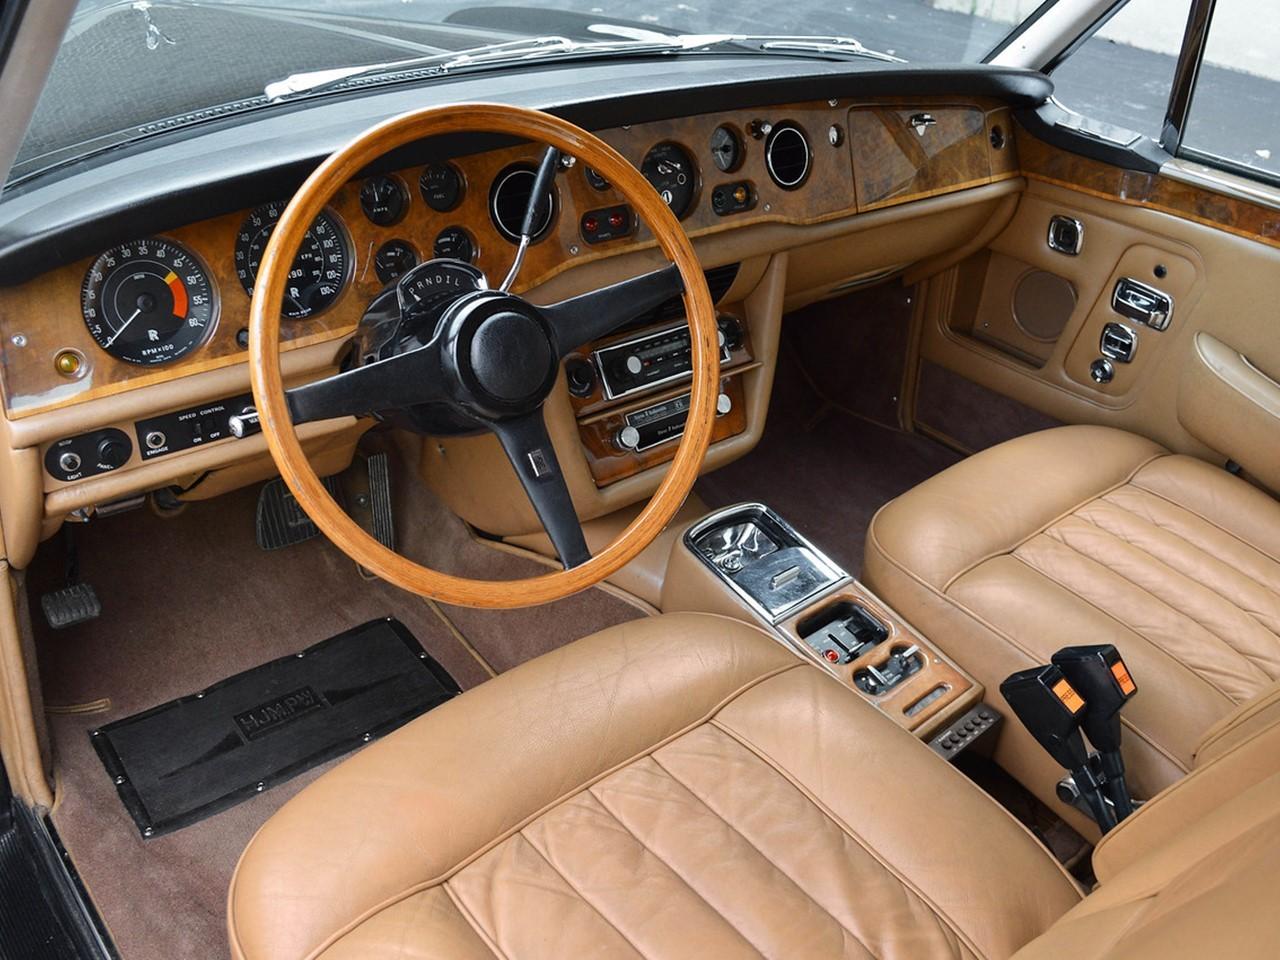 1974 Corniche fixedhead 5